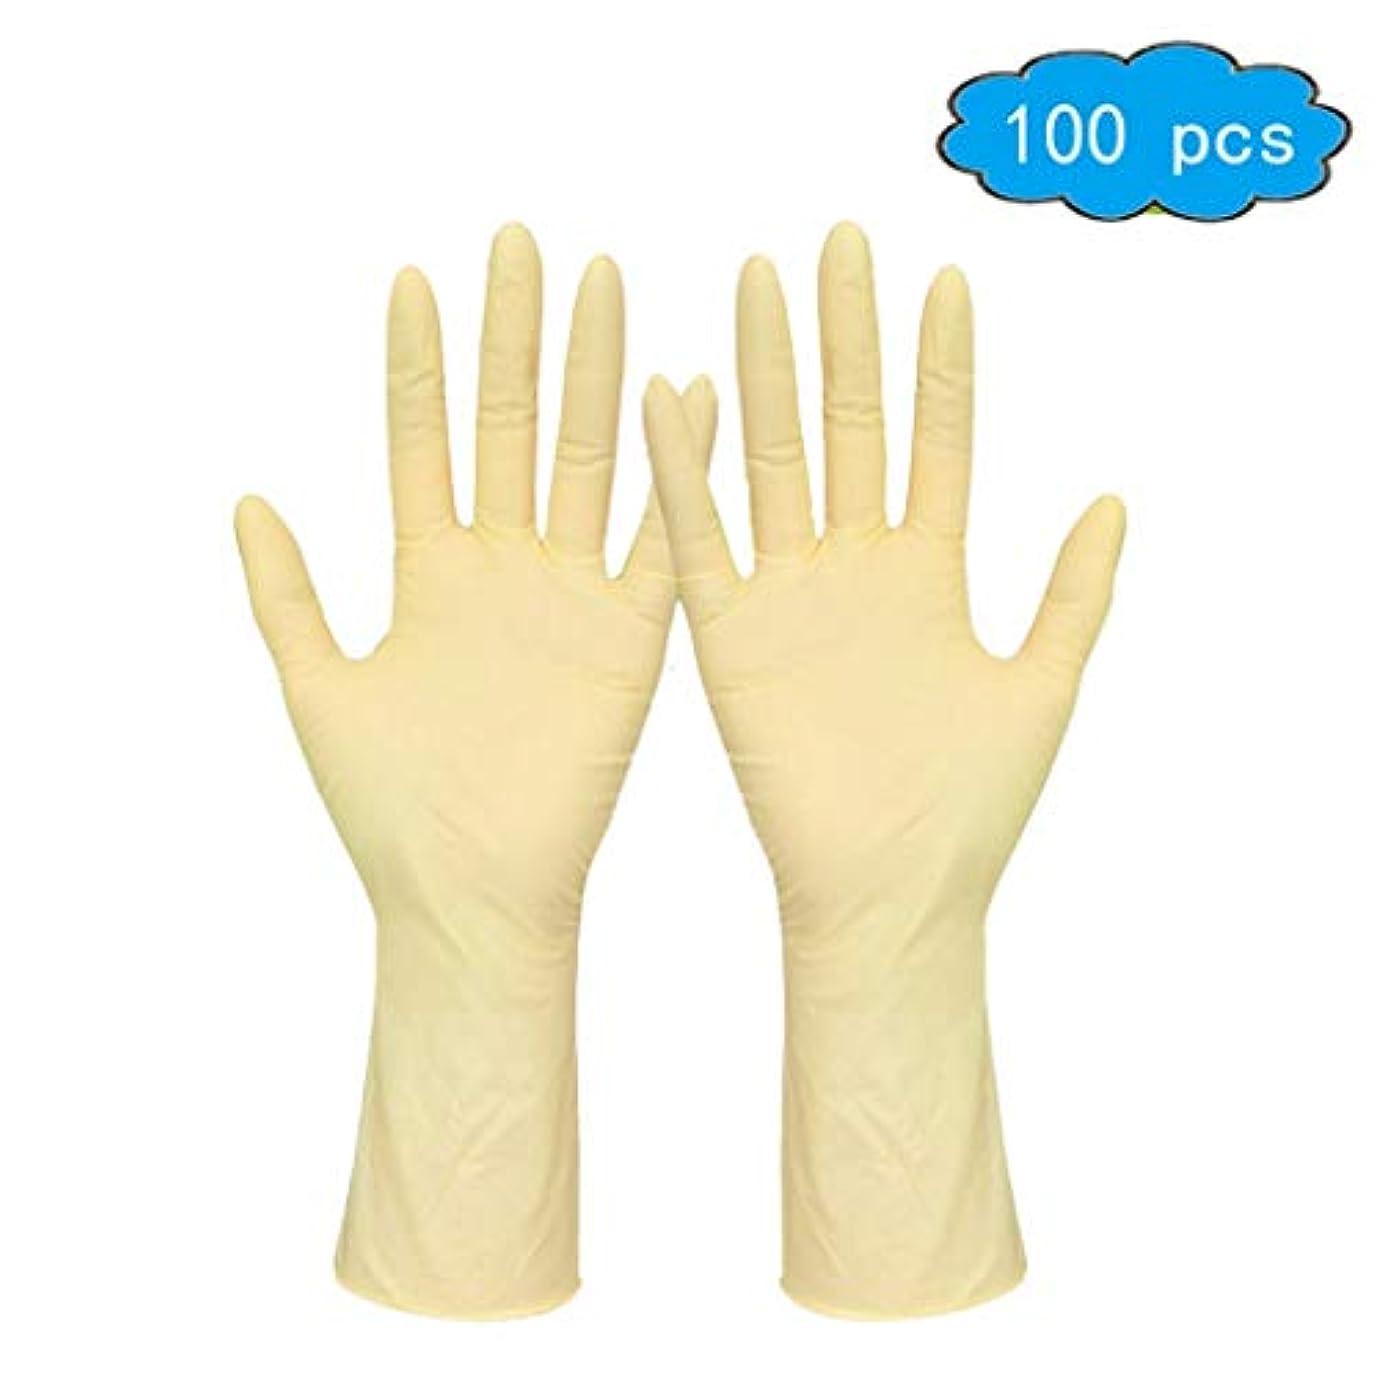 対処成功した残高ラテックスグローブパウダーフリー/使い捨て食品準備調理用グローブ/キッチンフードサービスクリーニンググローブ(大)100手袋、非滅菌使い捨て安全手袋 (Color : Beige, Size : S)